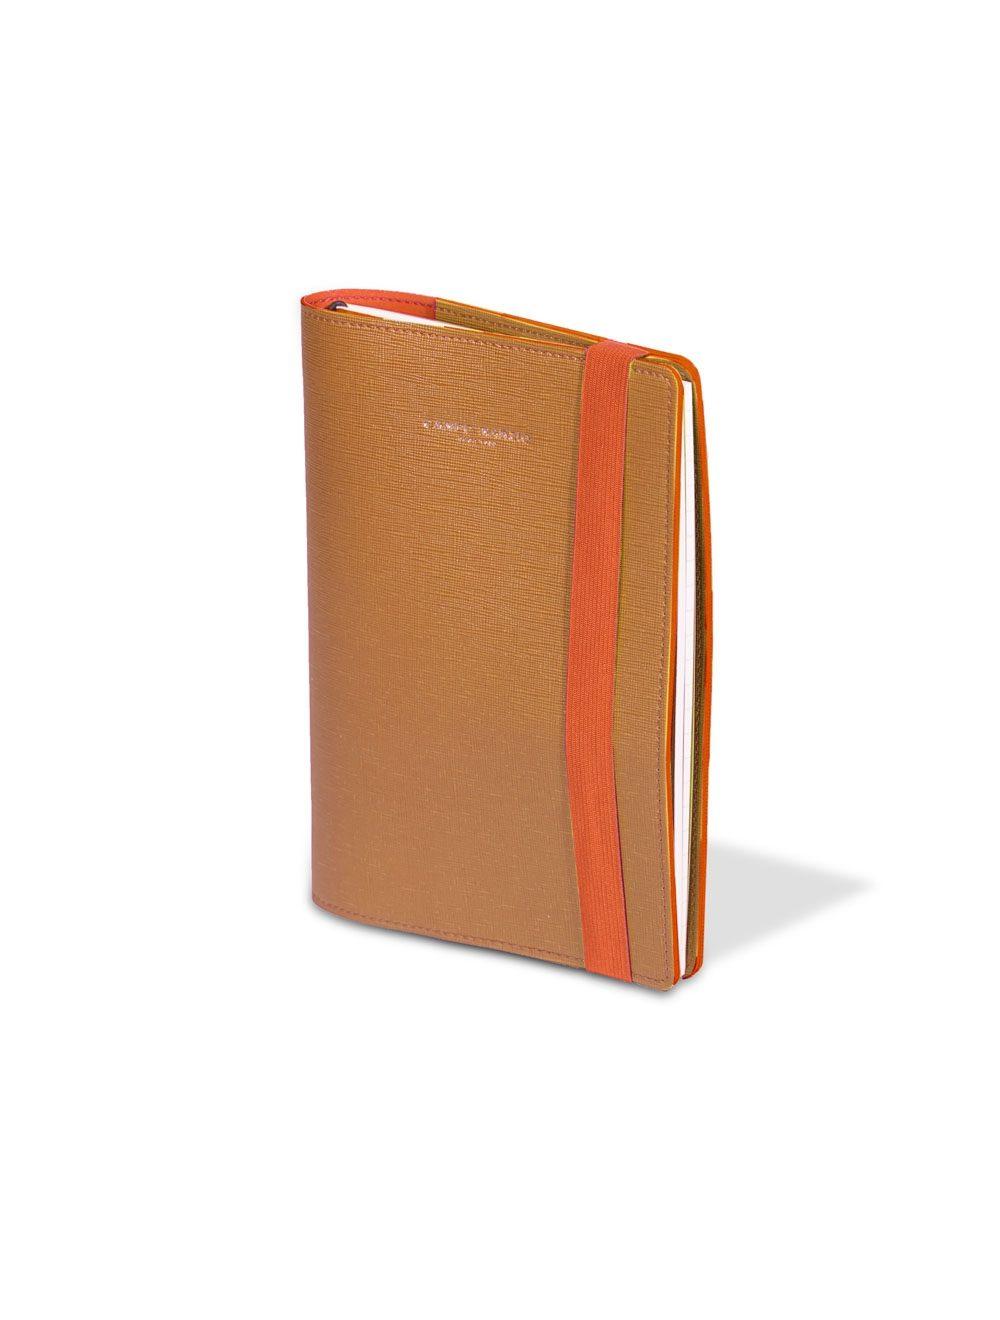 Charlton Journal - Camel